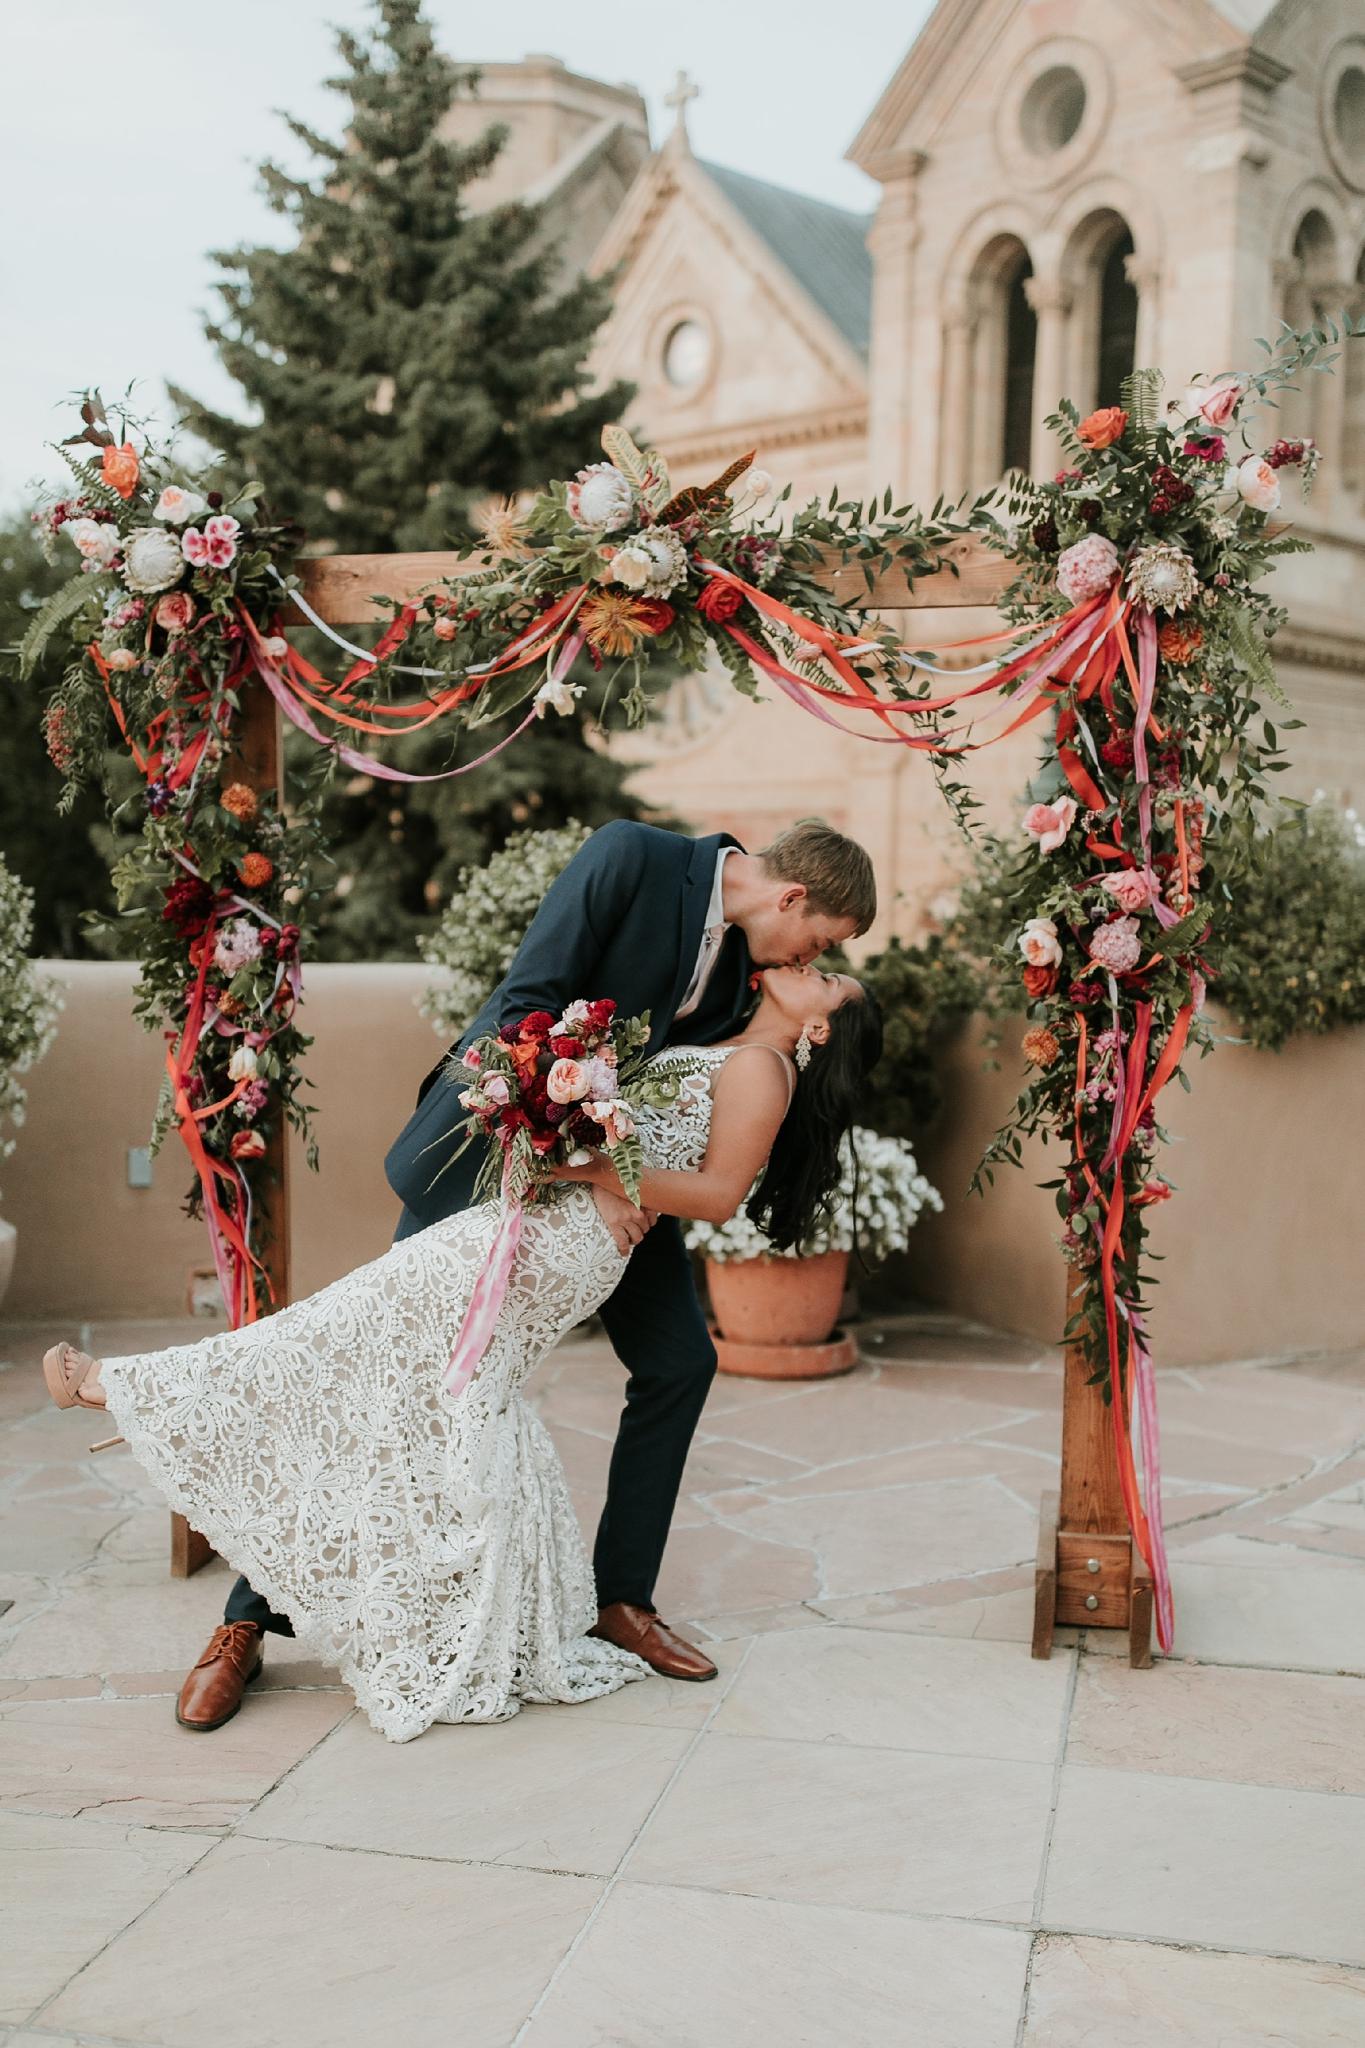 Alicia+lucia+photography+-+albuquerque+wedding+photographer+-+santa+fe+wedding+photography+-+new+mexico+wedding+photographer+-+wedding+ceremony+-+wedding+alter+-+floral+alter_0028.jpg